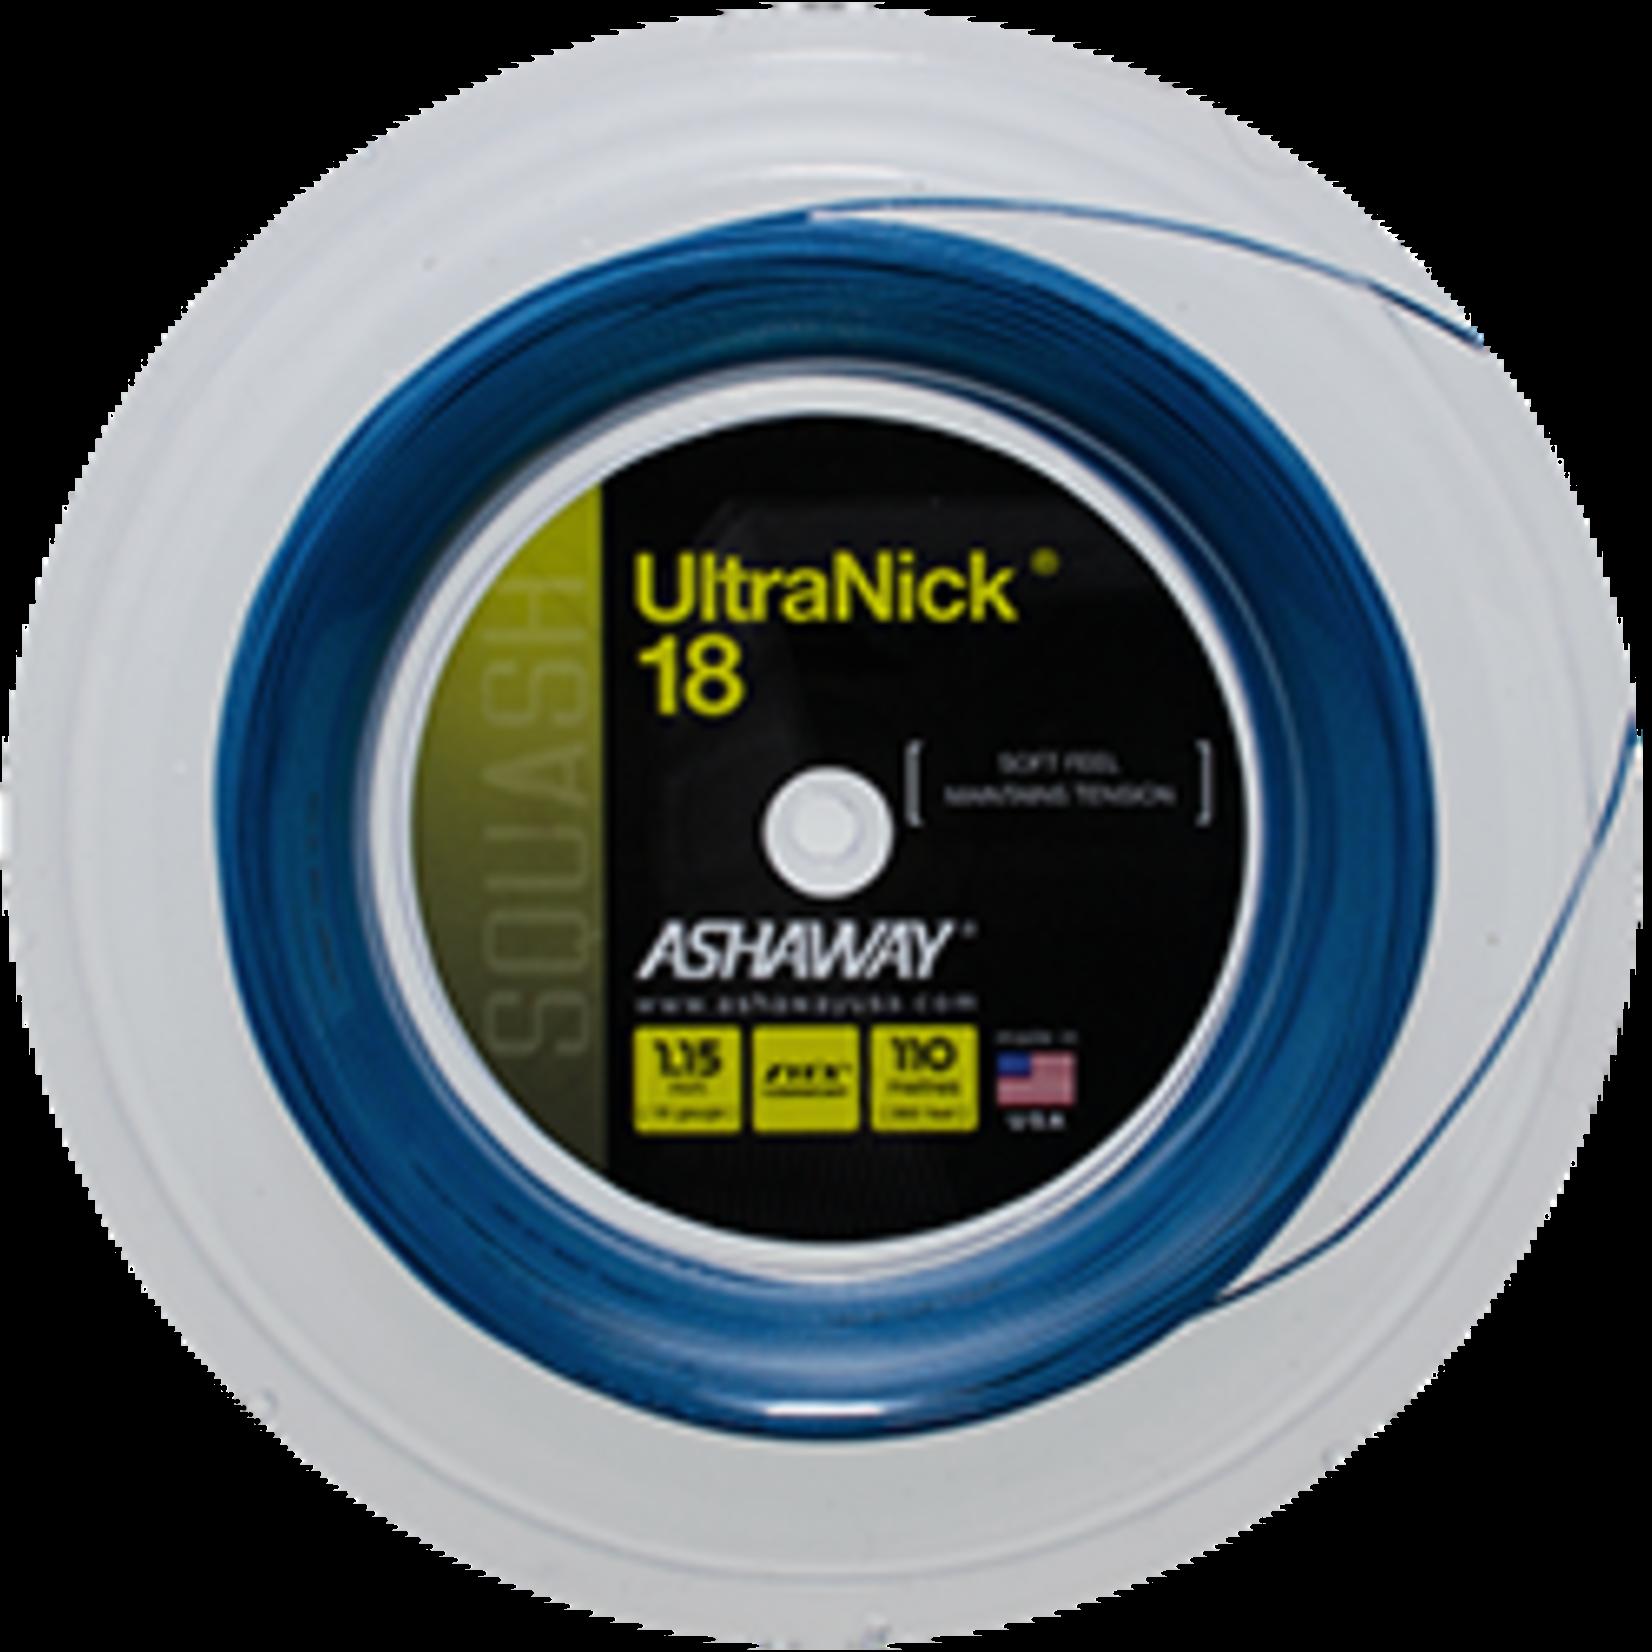 Ashaway UltraNick 18